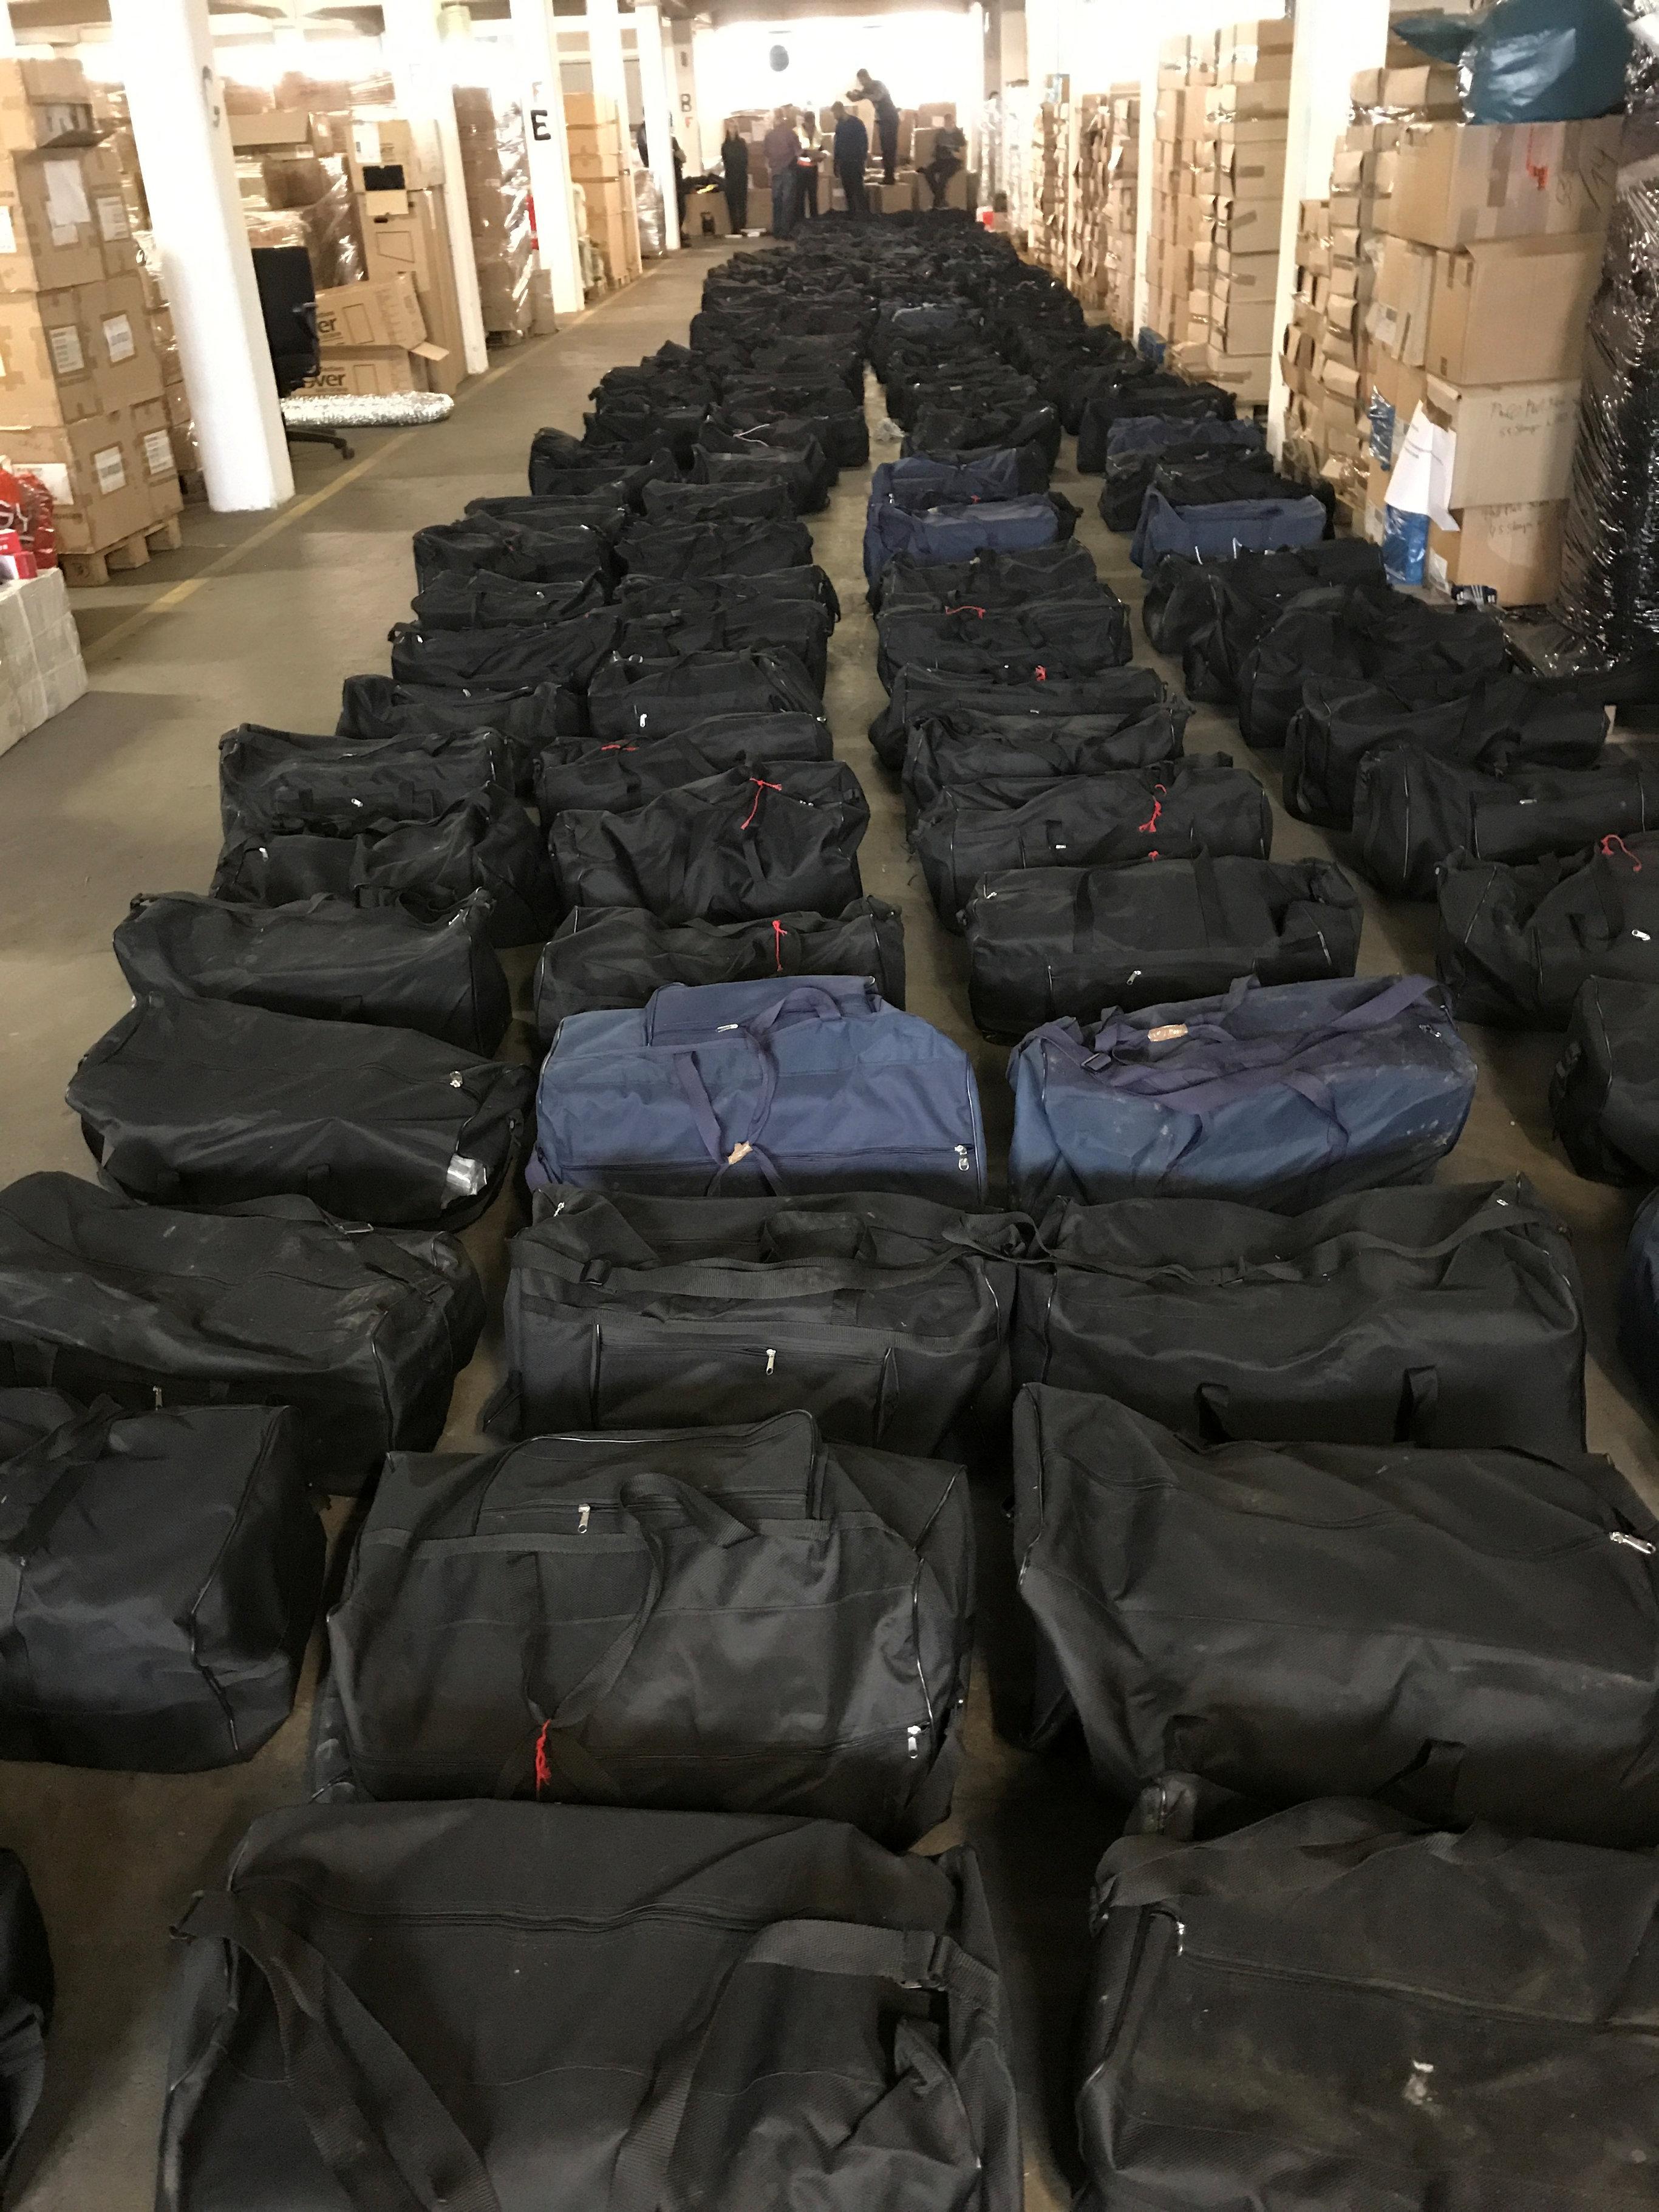 شاهدوا.. العثور على 221 حقيبة رياضية داخلها 4.5 طن من الكوكايين في هامبورغ بألمانيا